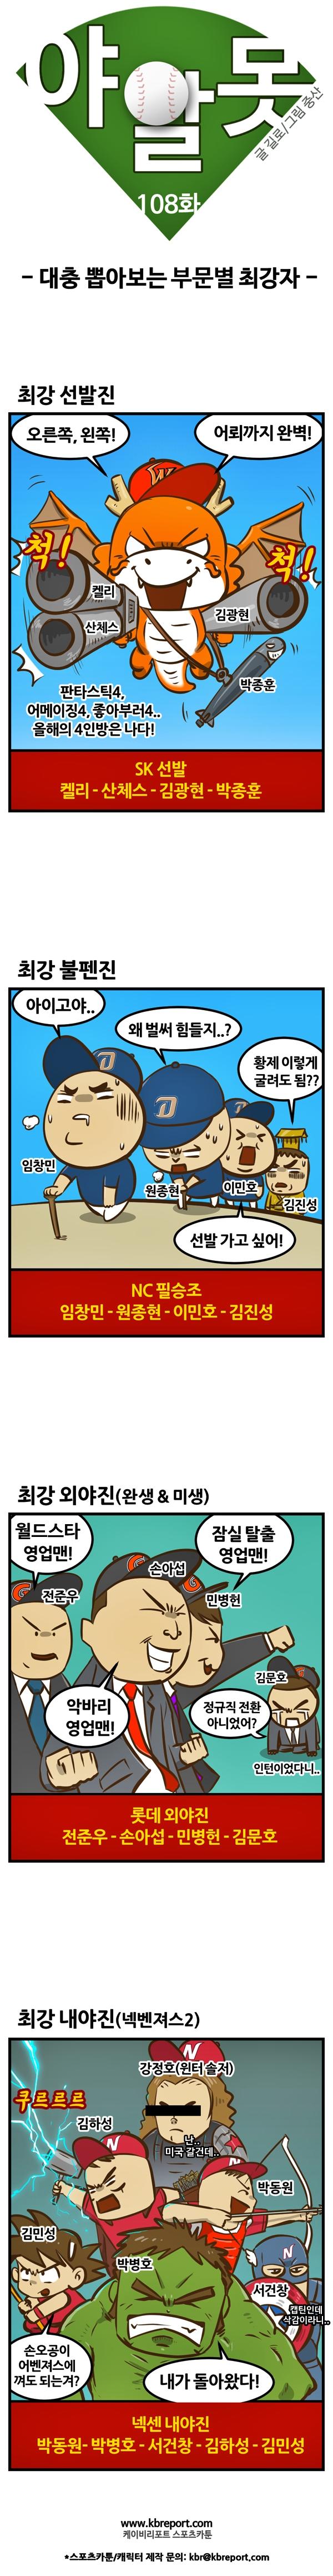 [프로야구 카툰] 야알못 108화: 부문별 최강팀은?